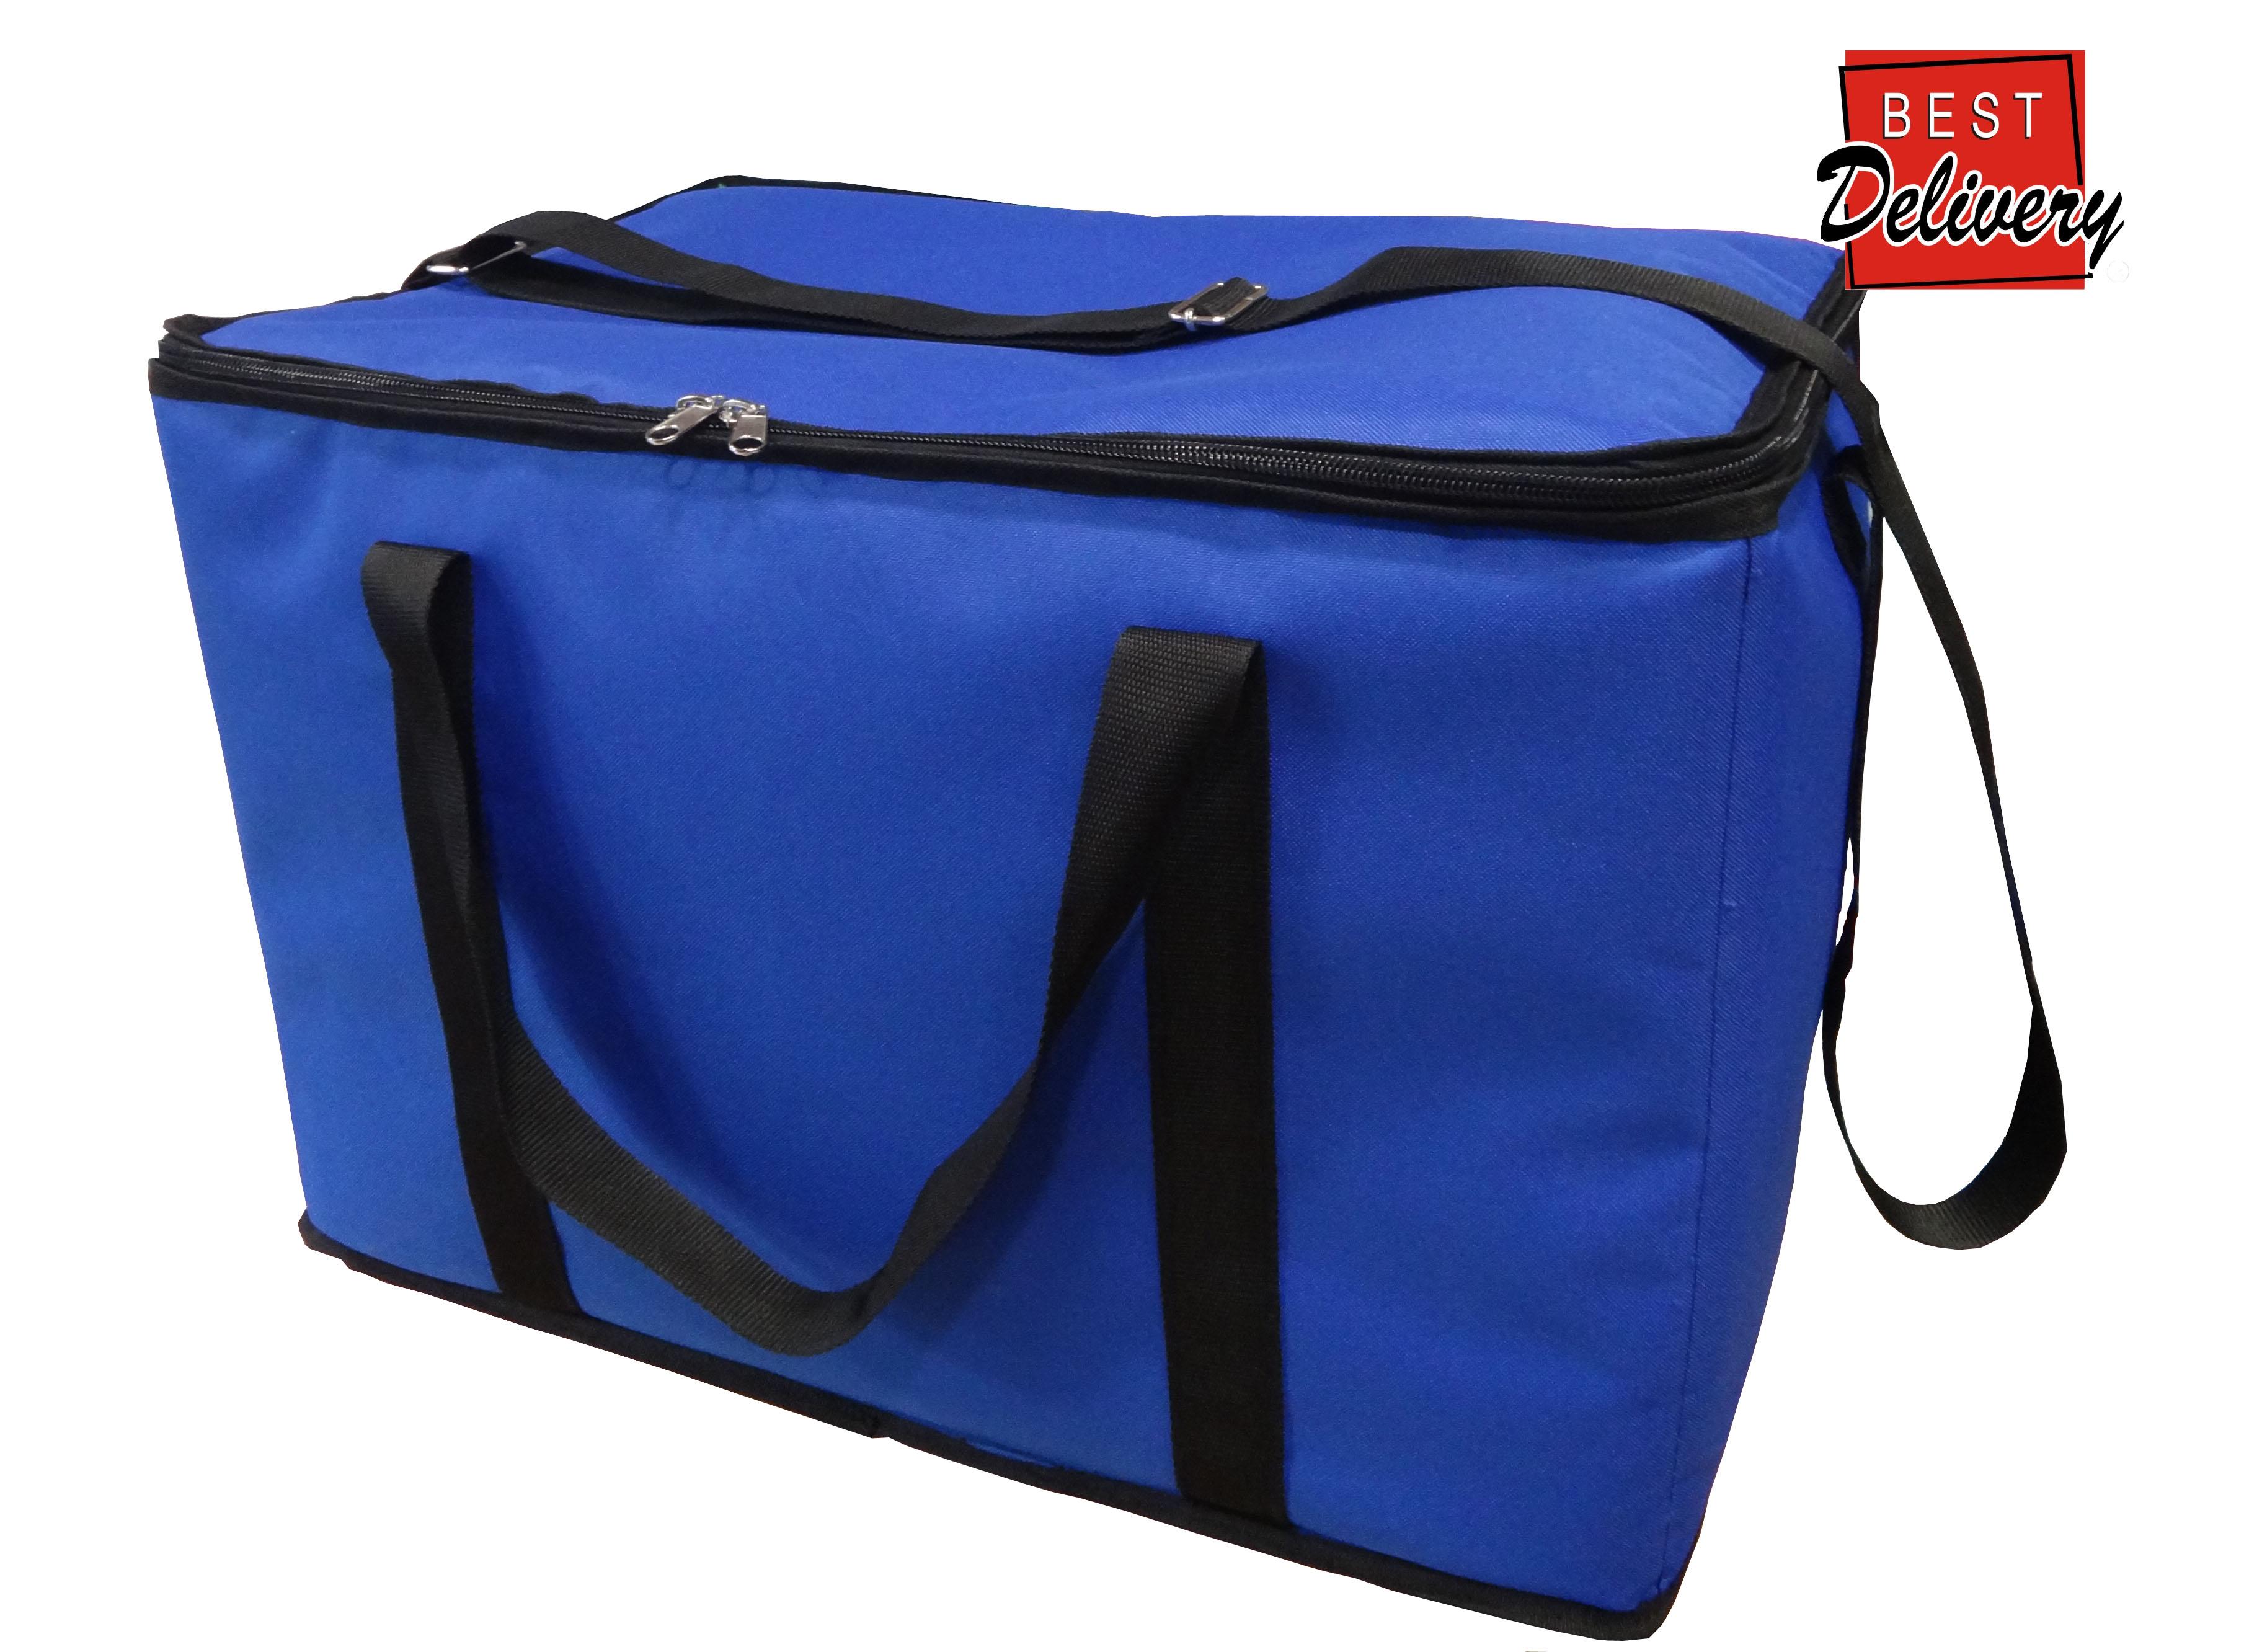 3f8c9990d2 Ισοθερμική τσάντα ιατρικής χρήσης  bestdelivery.gr - bestdelivery.gr